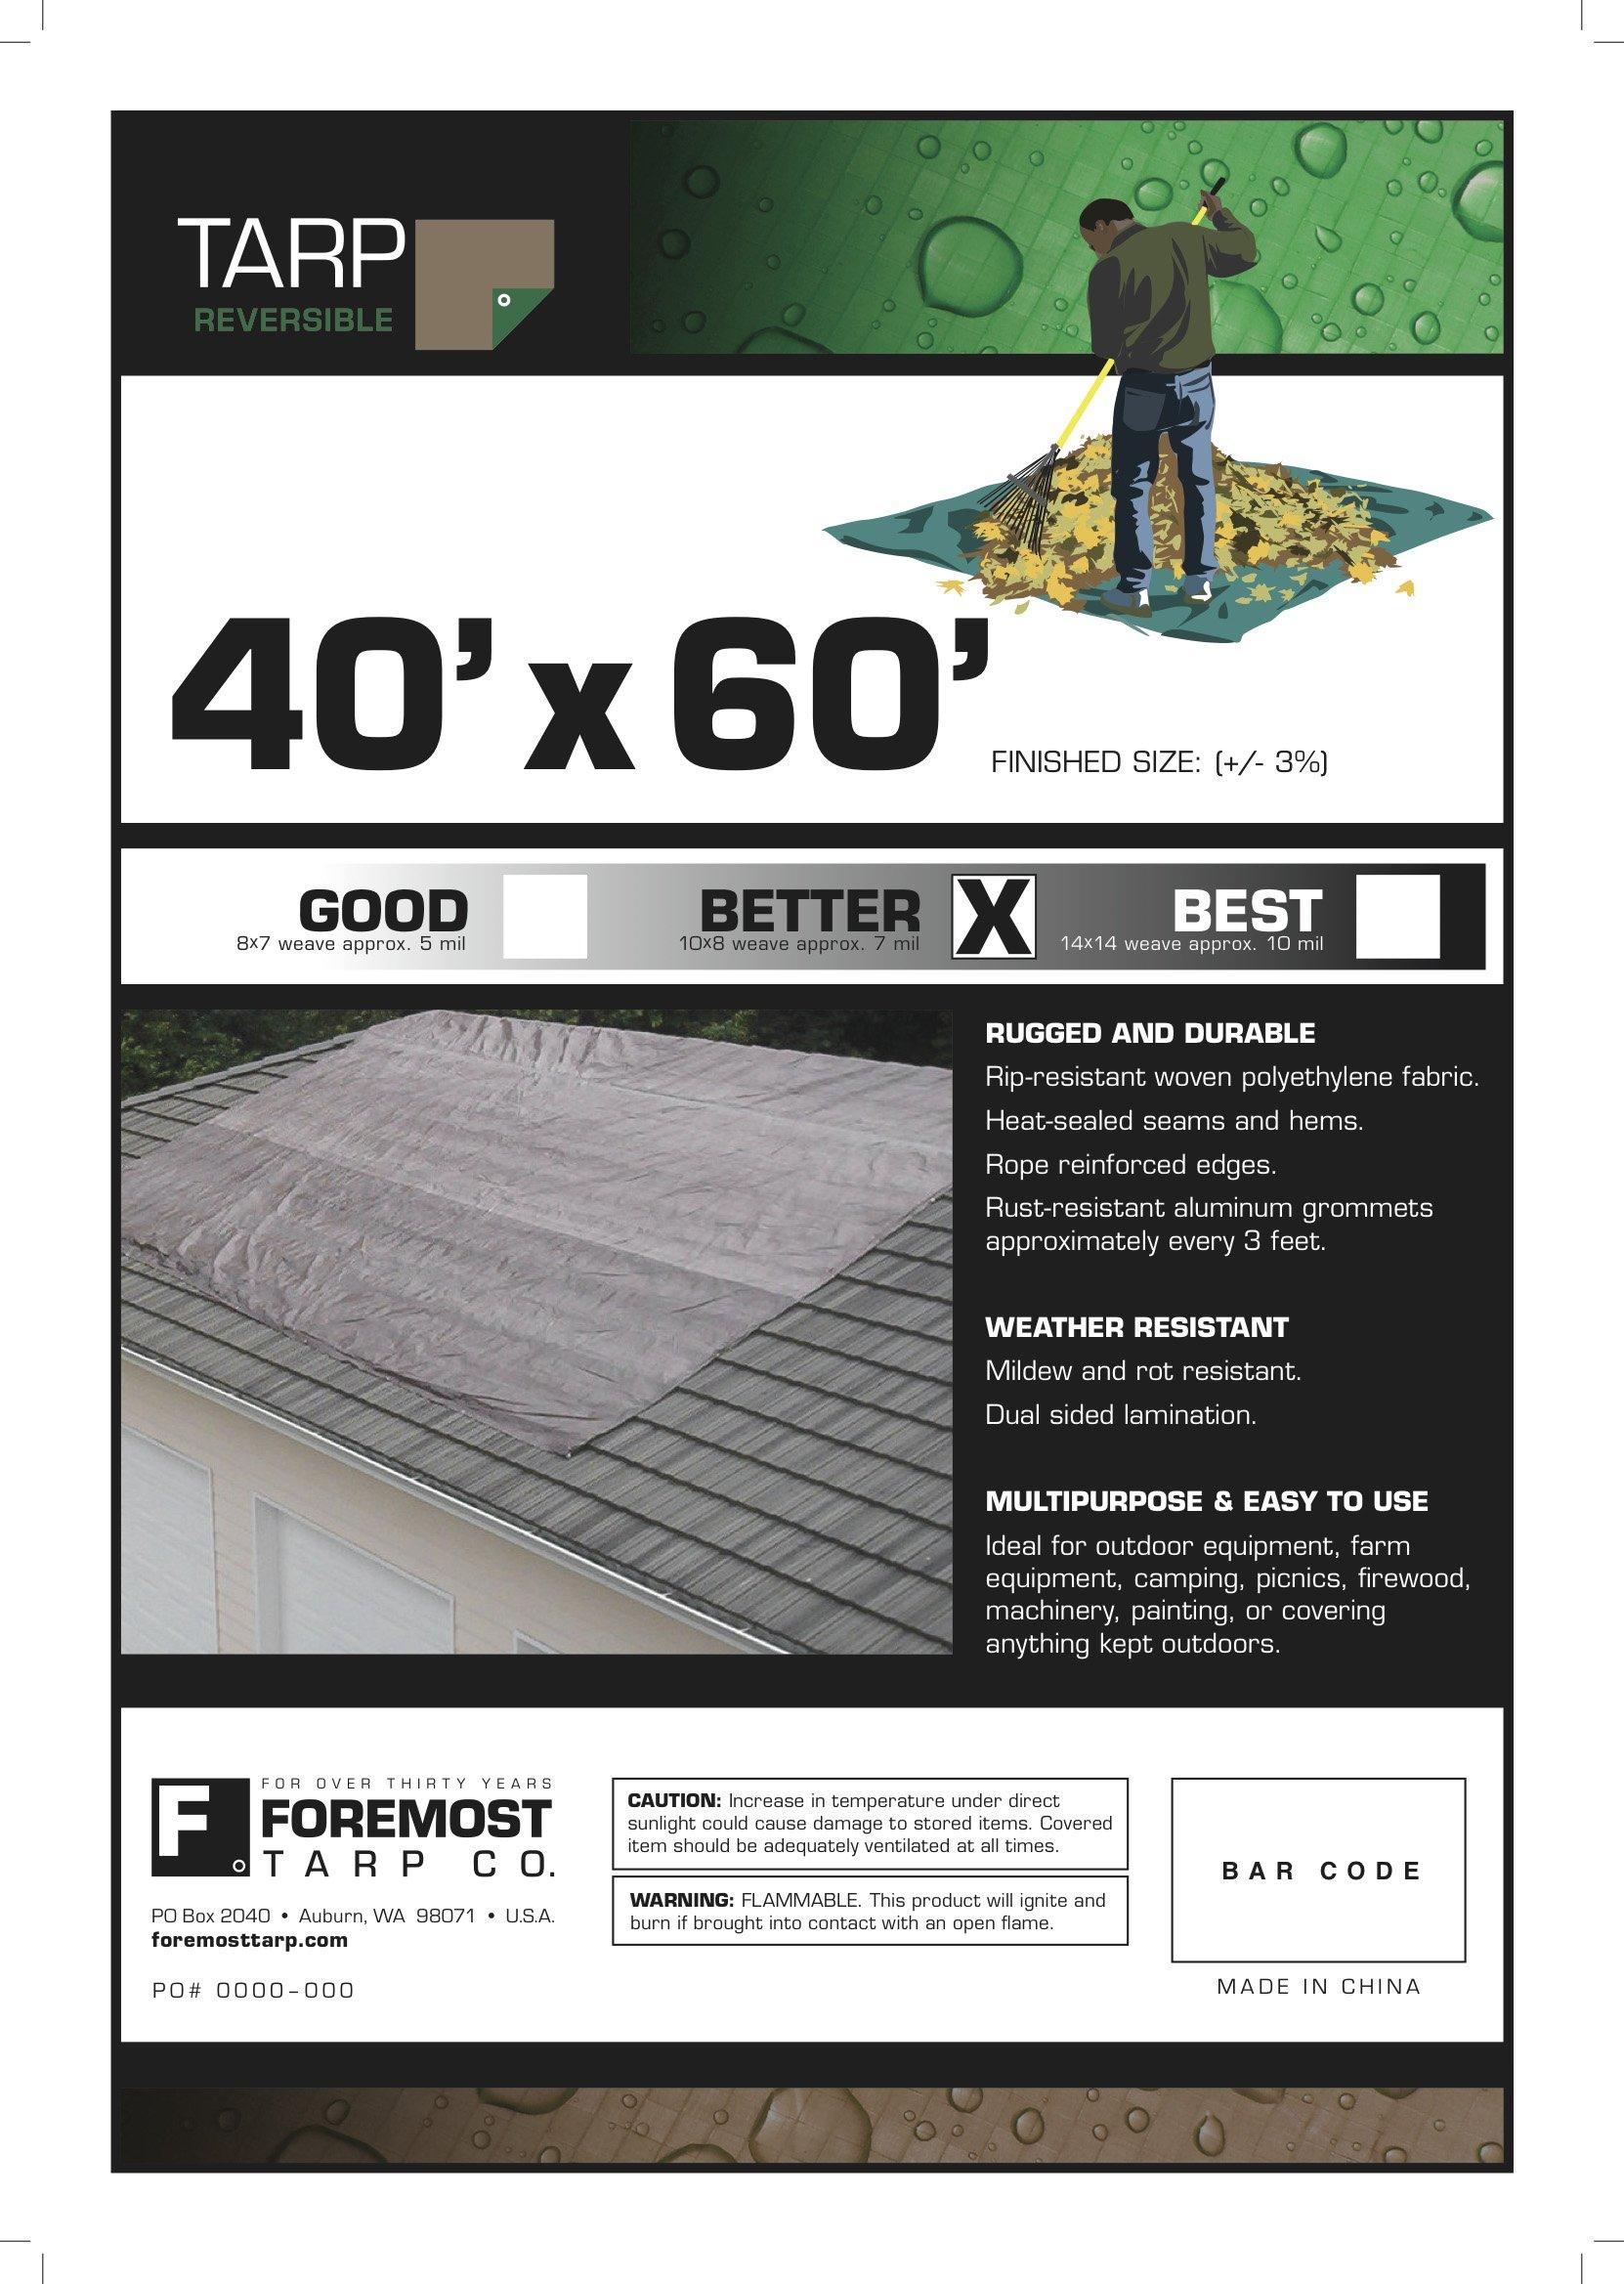 40' x 60' Dry Top Brown/Green Reversible Full Size 7-mil Poly Tarp item #140606